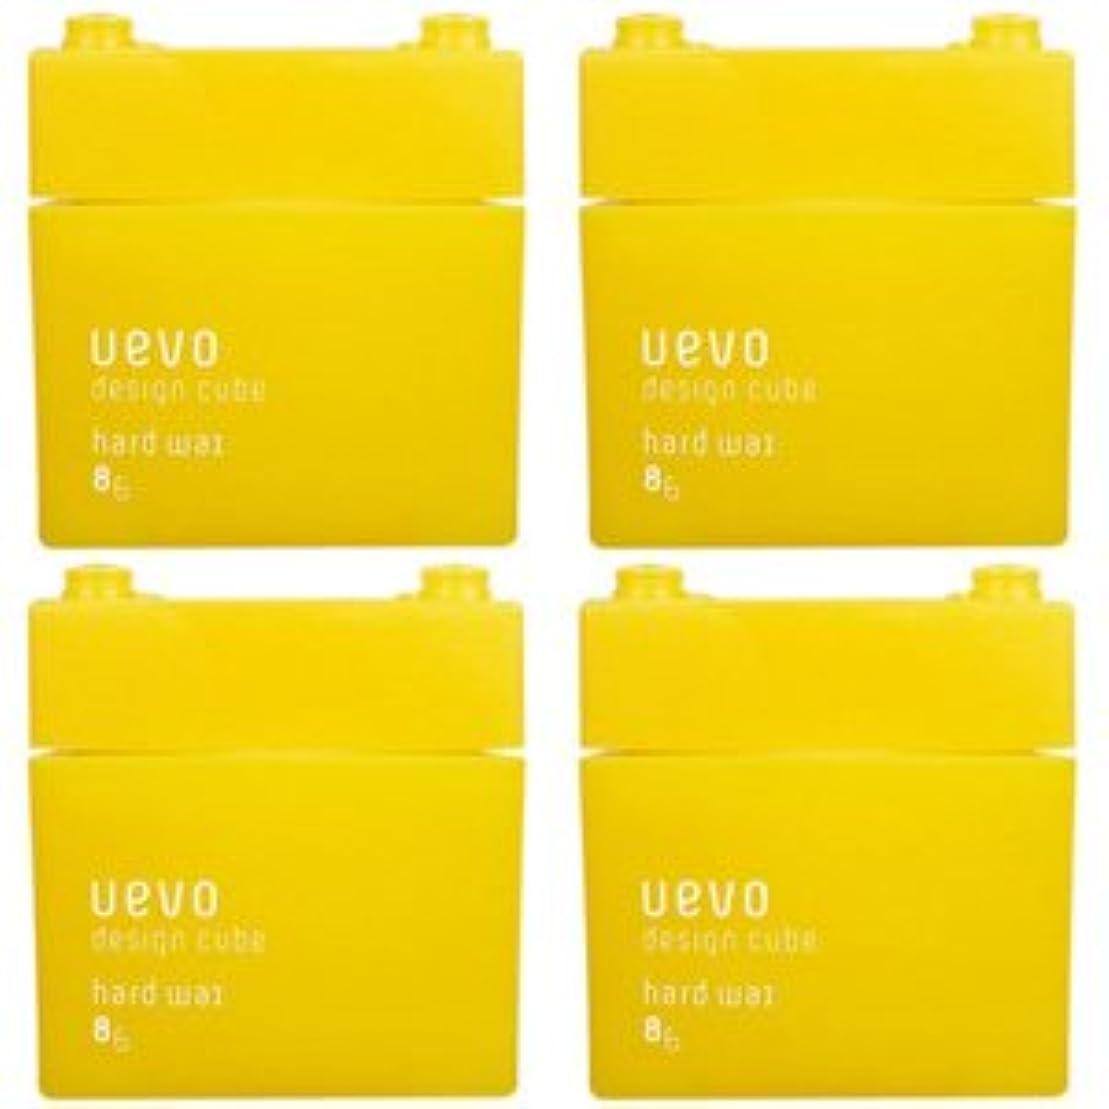 ケーブルカー照らすデクリメント【X4個セット】 デミ ウェーボ デザインキューブ ハードワックス 80g hard wax DEMI uevo design cube